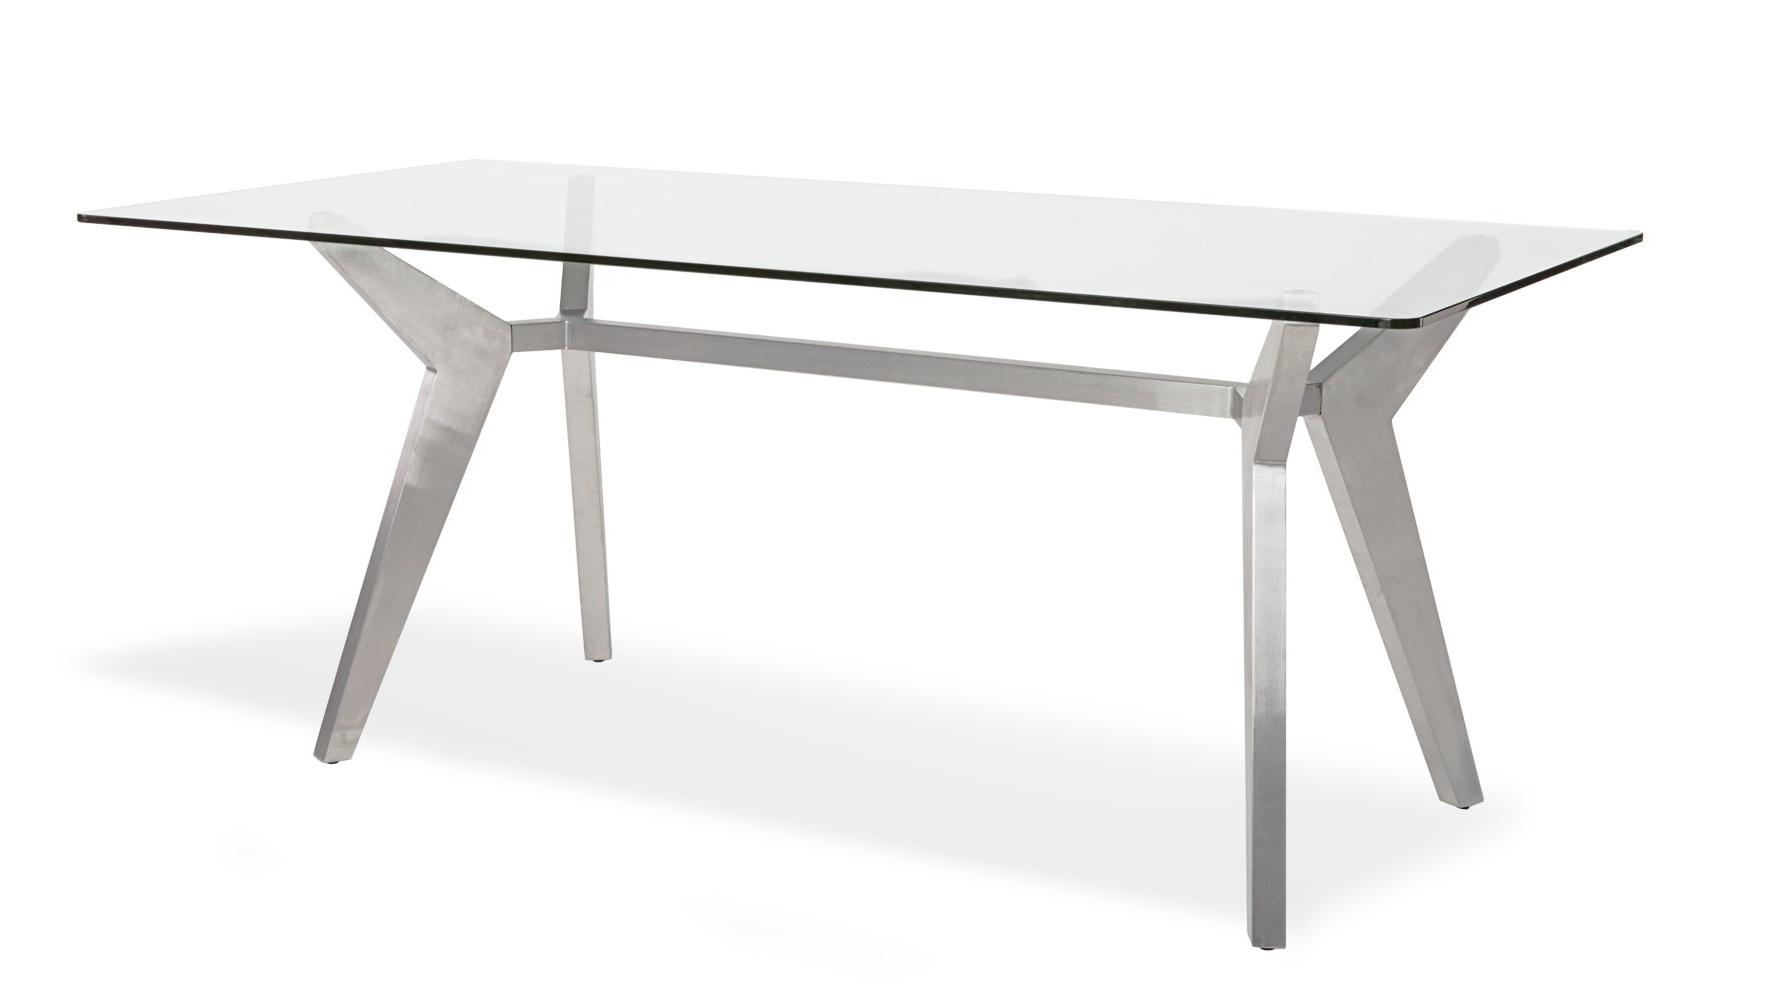 Brushed Metal Dining Tables Regarding 2018 Argo Glass Dining Table With Brushed Metal Base (Gallery 3 of 25)